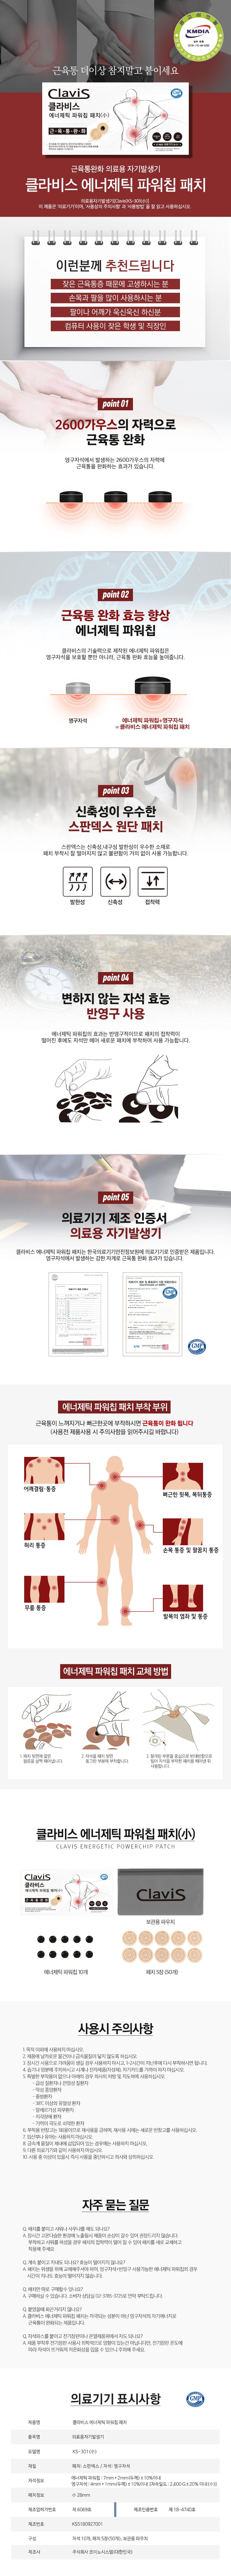 ★패치웹기술서(소).jpg